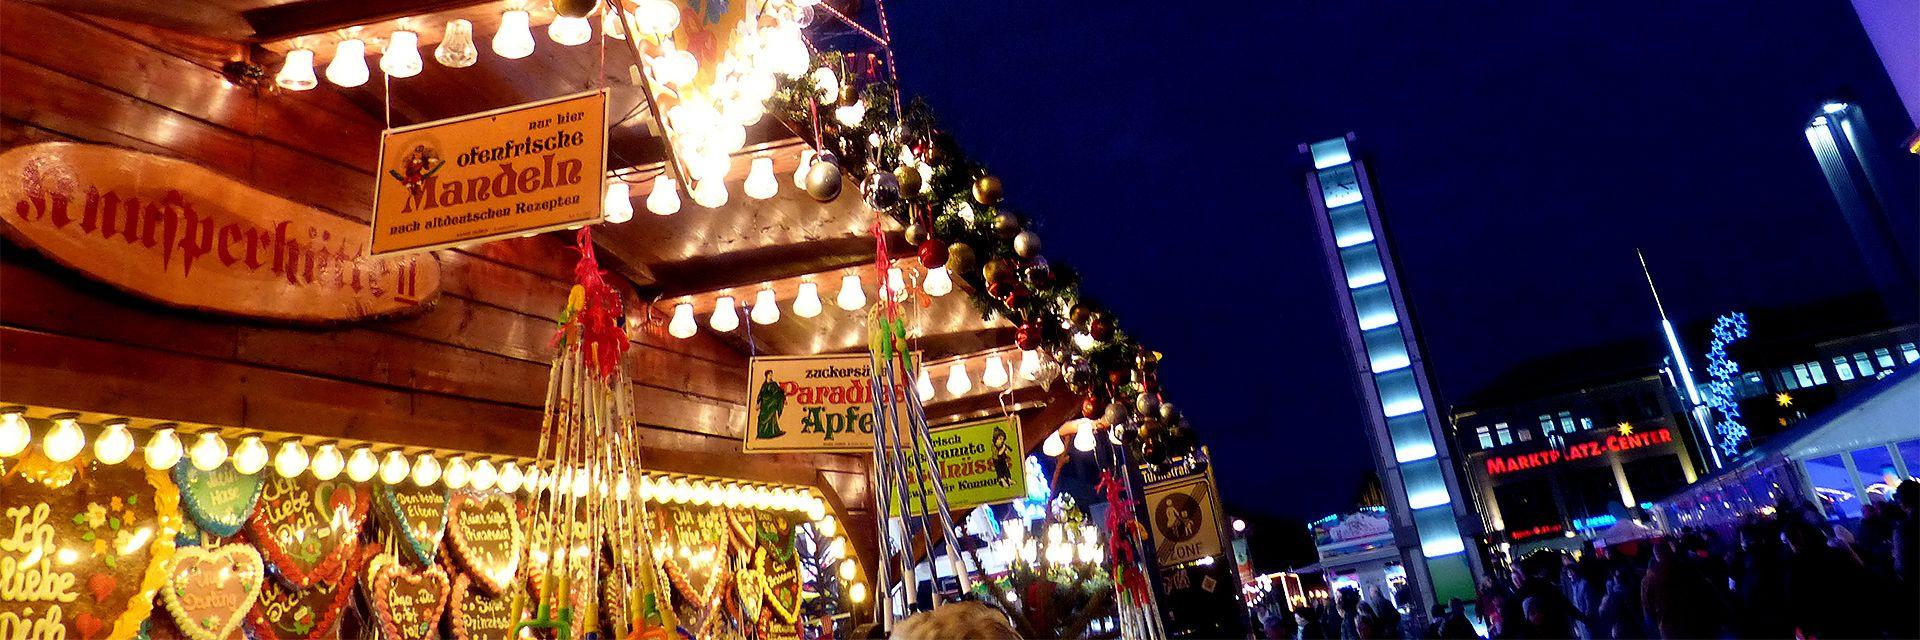 julemarked i brandenburg